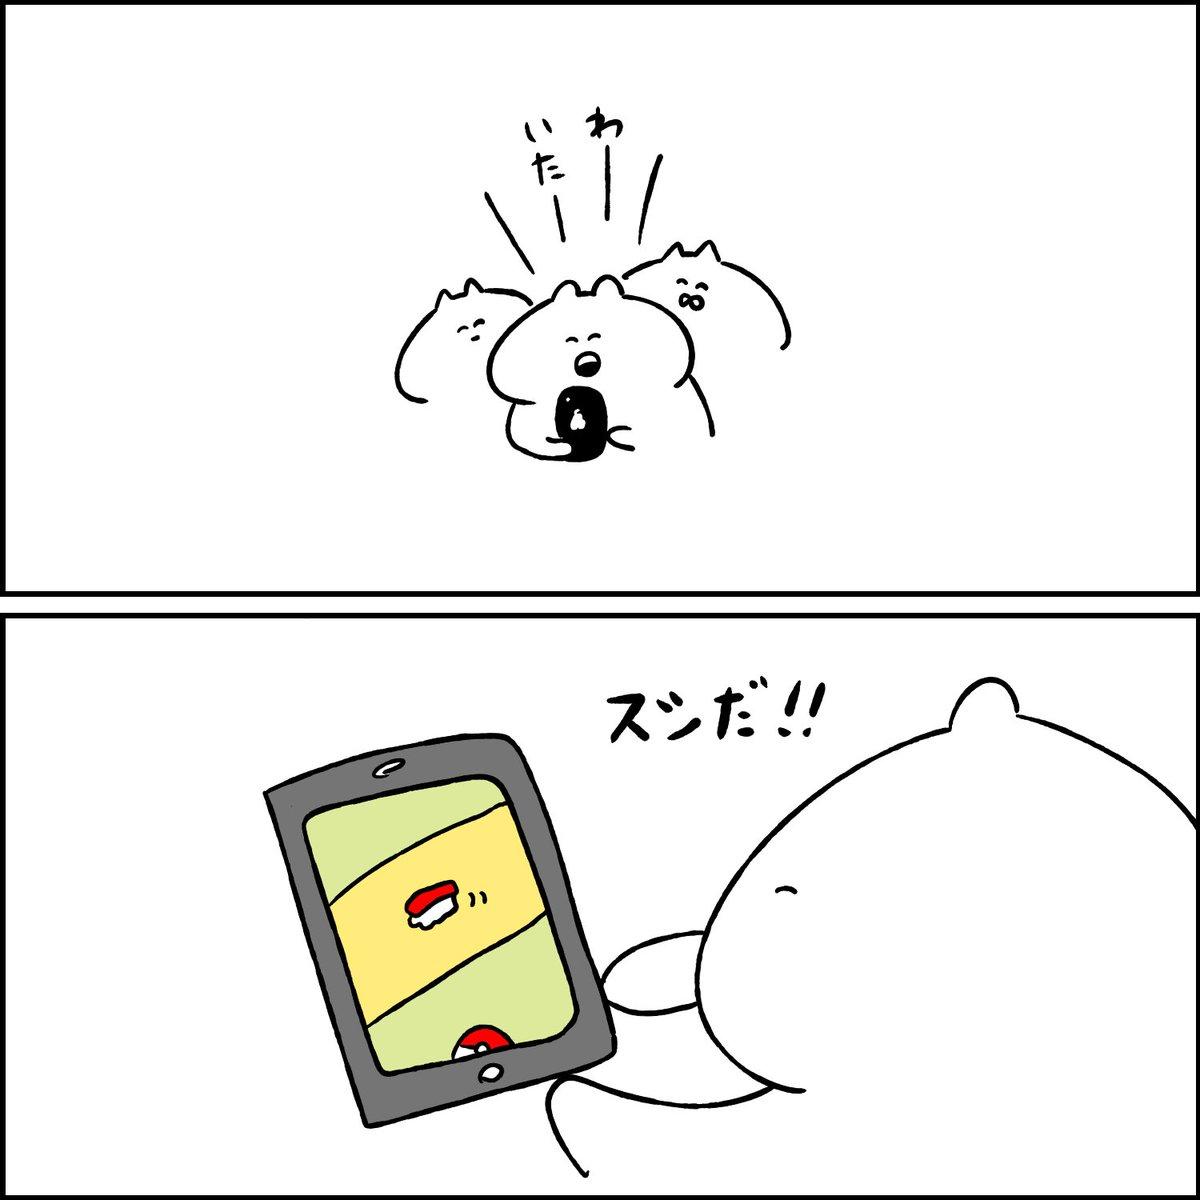 ポケモンGOじゃない pic.twitter.com/iRCcK3TbSN